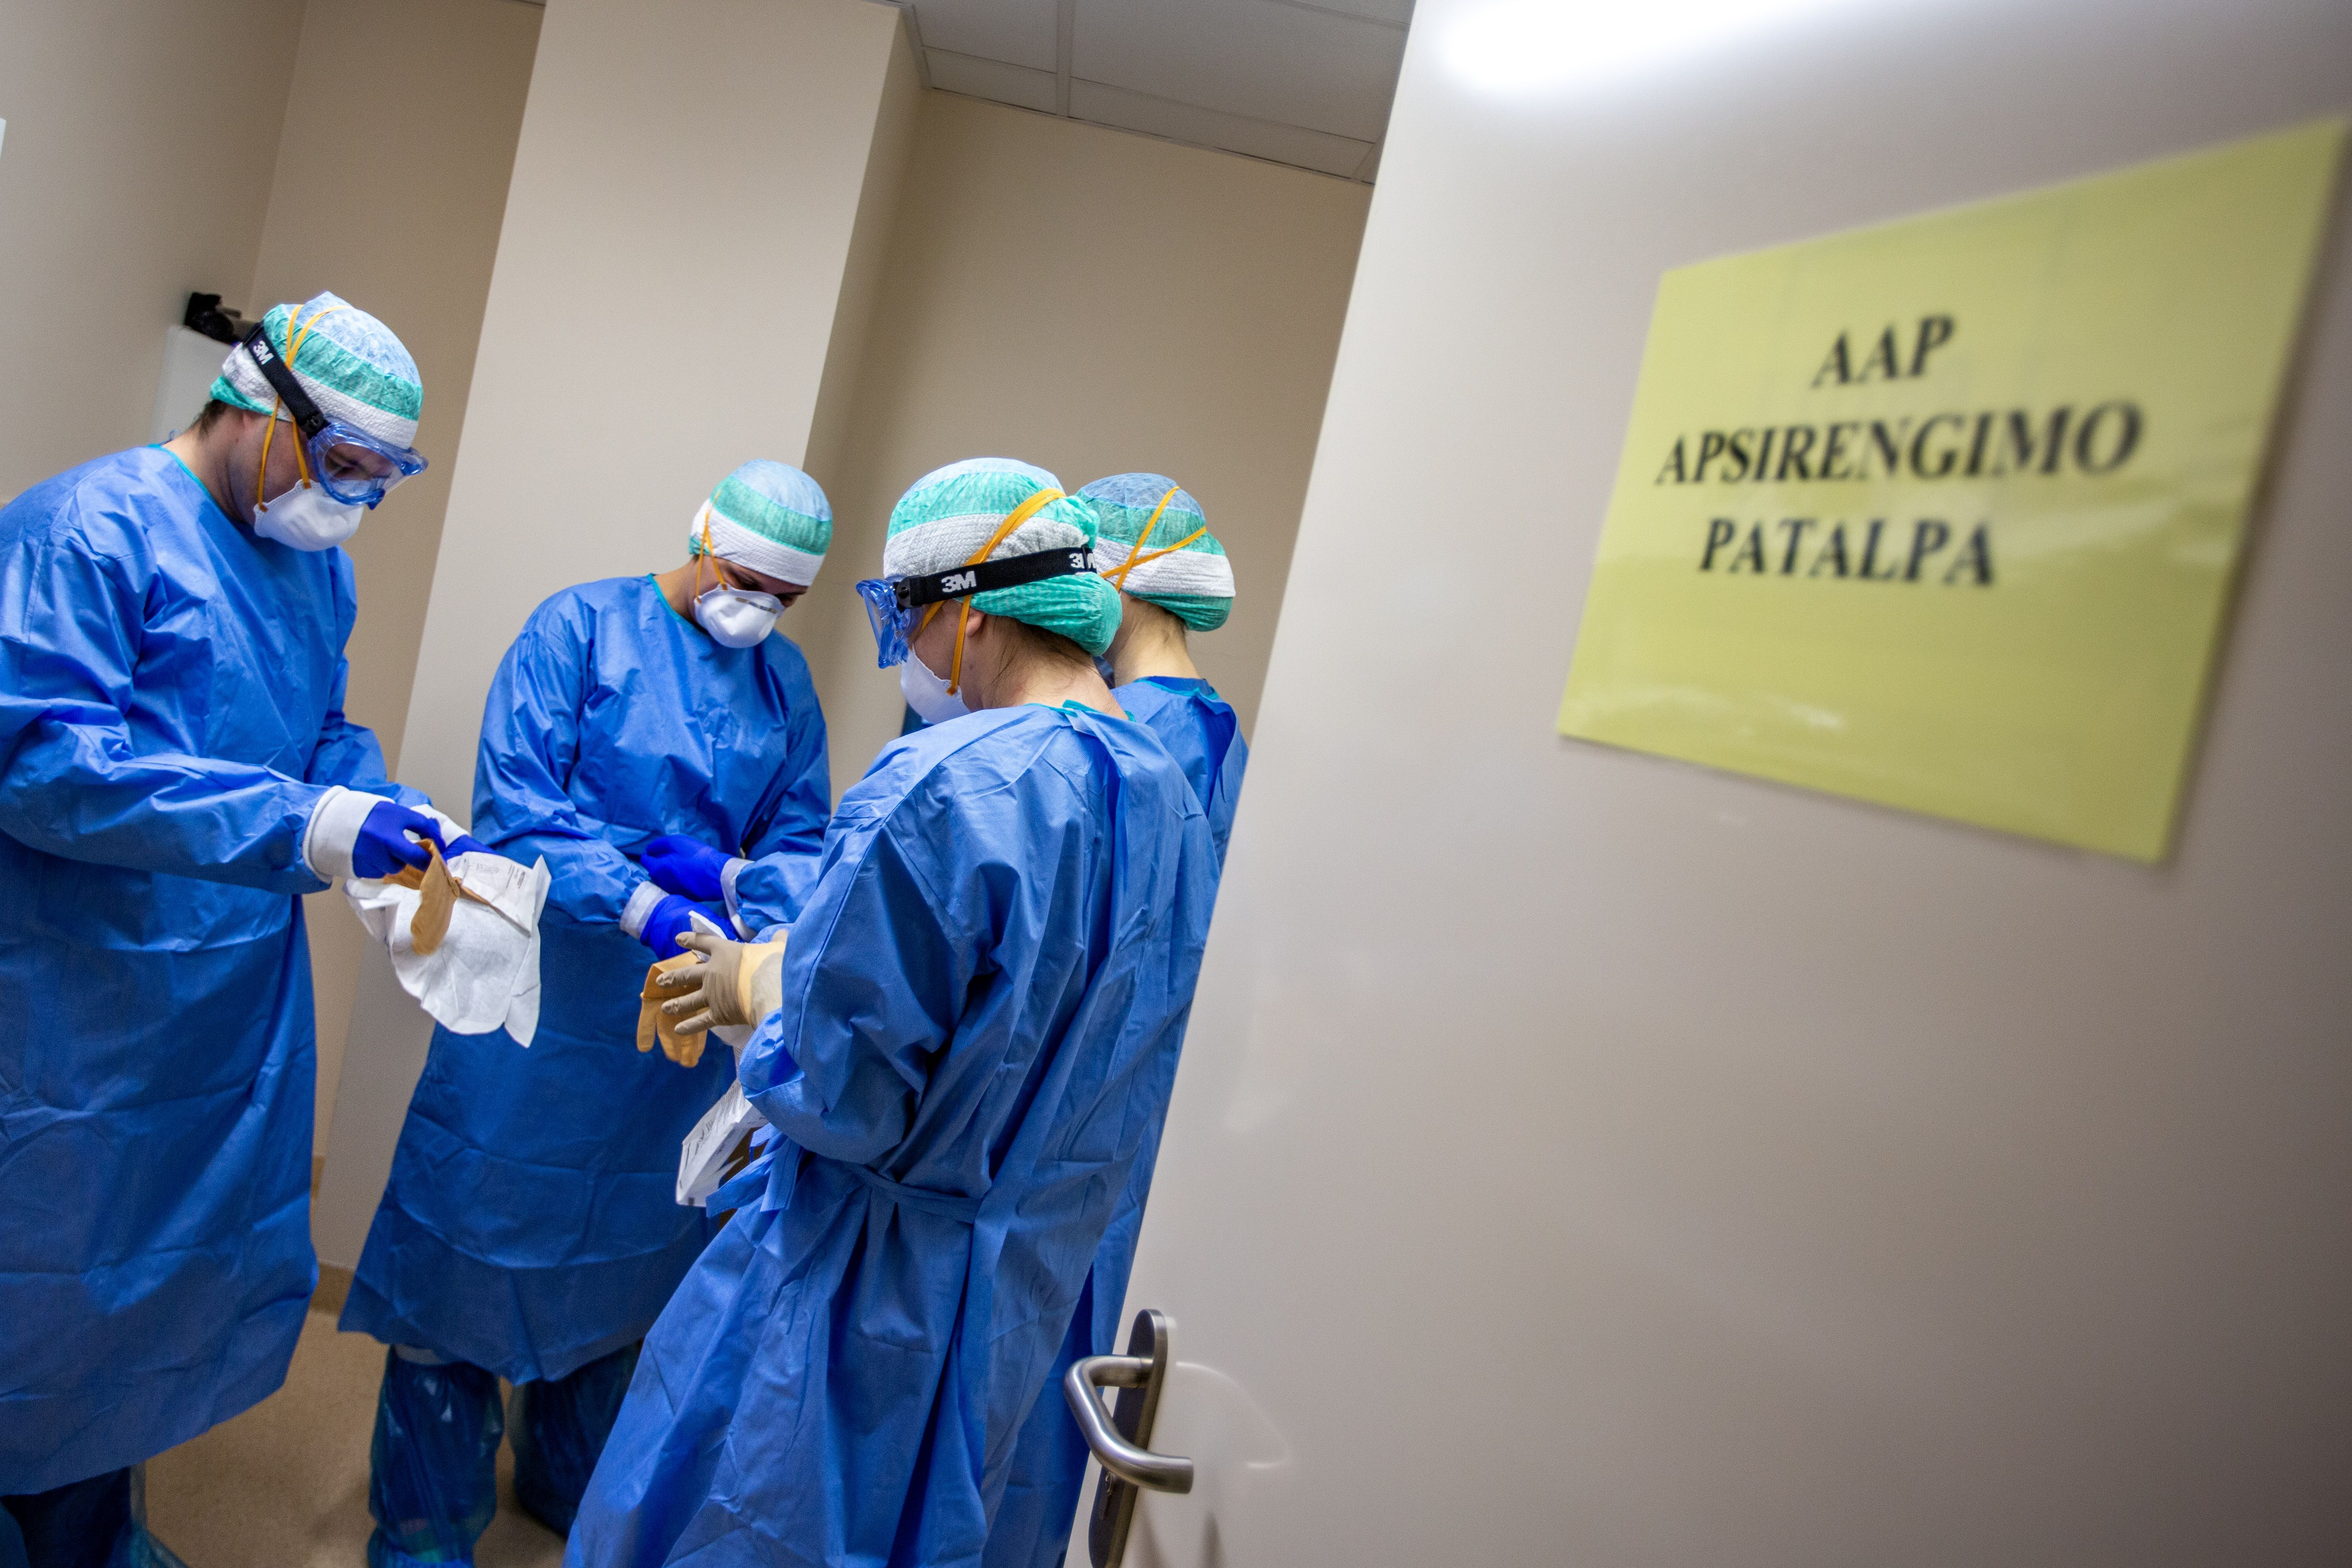 Keturi gydytojai su kaukėmis maunasi pirštines